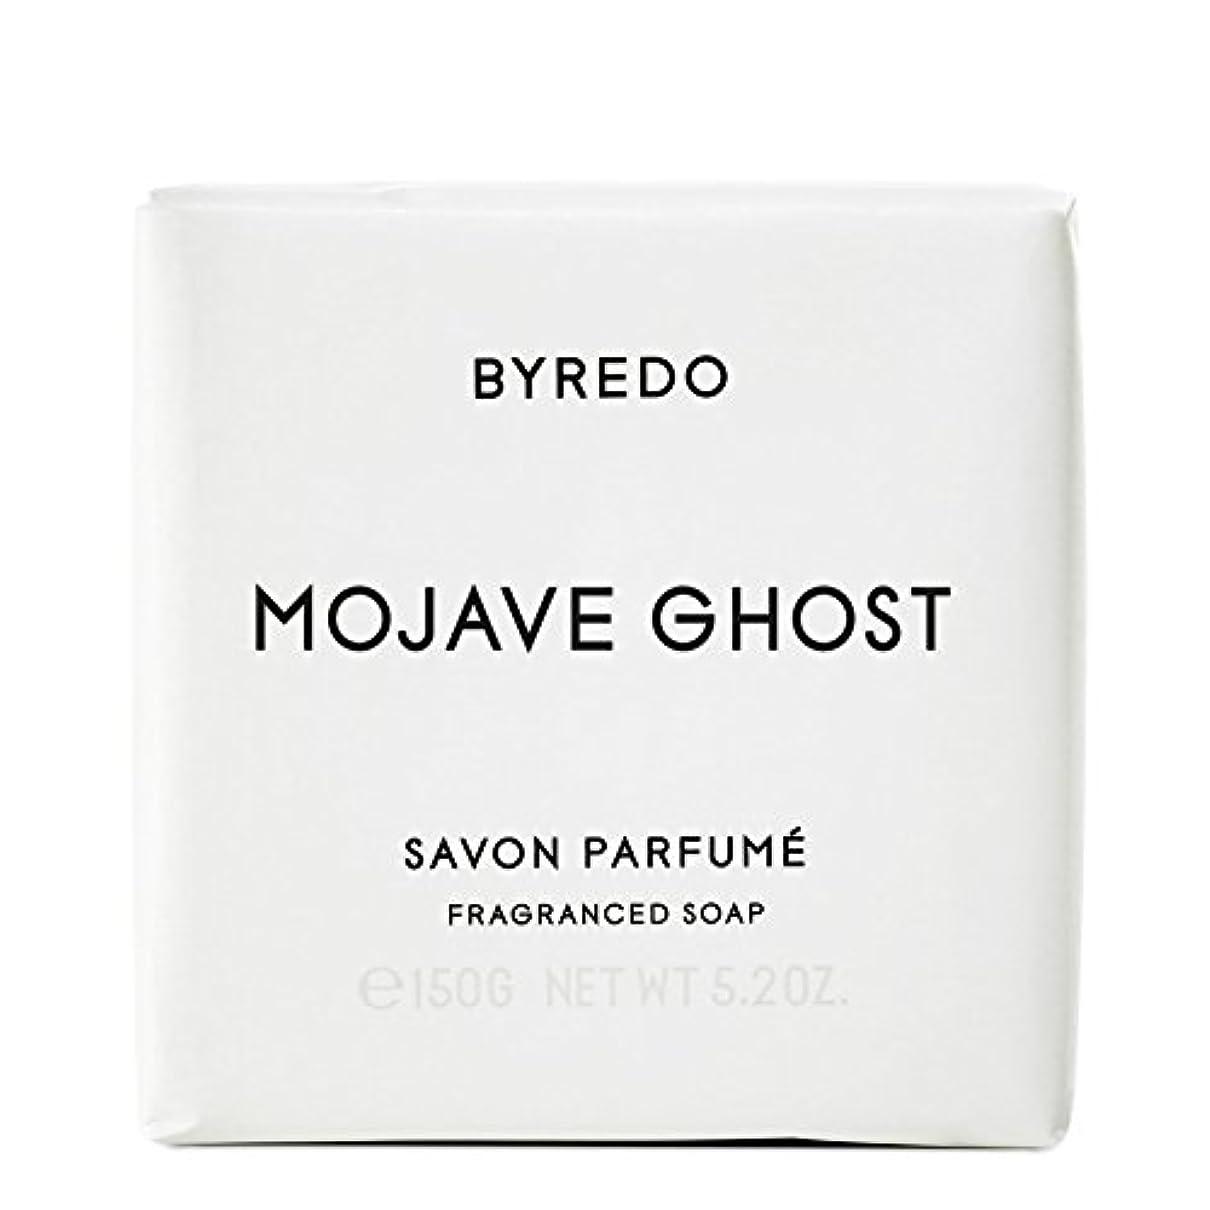 シェード上向き許容Byredo Mojave Ghost Soap 150g - モハーベゴースト石鹸150グラム [並行輸入品]